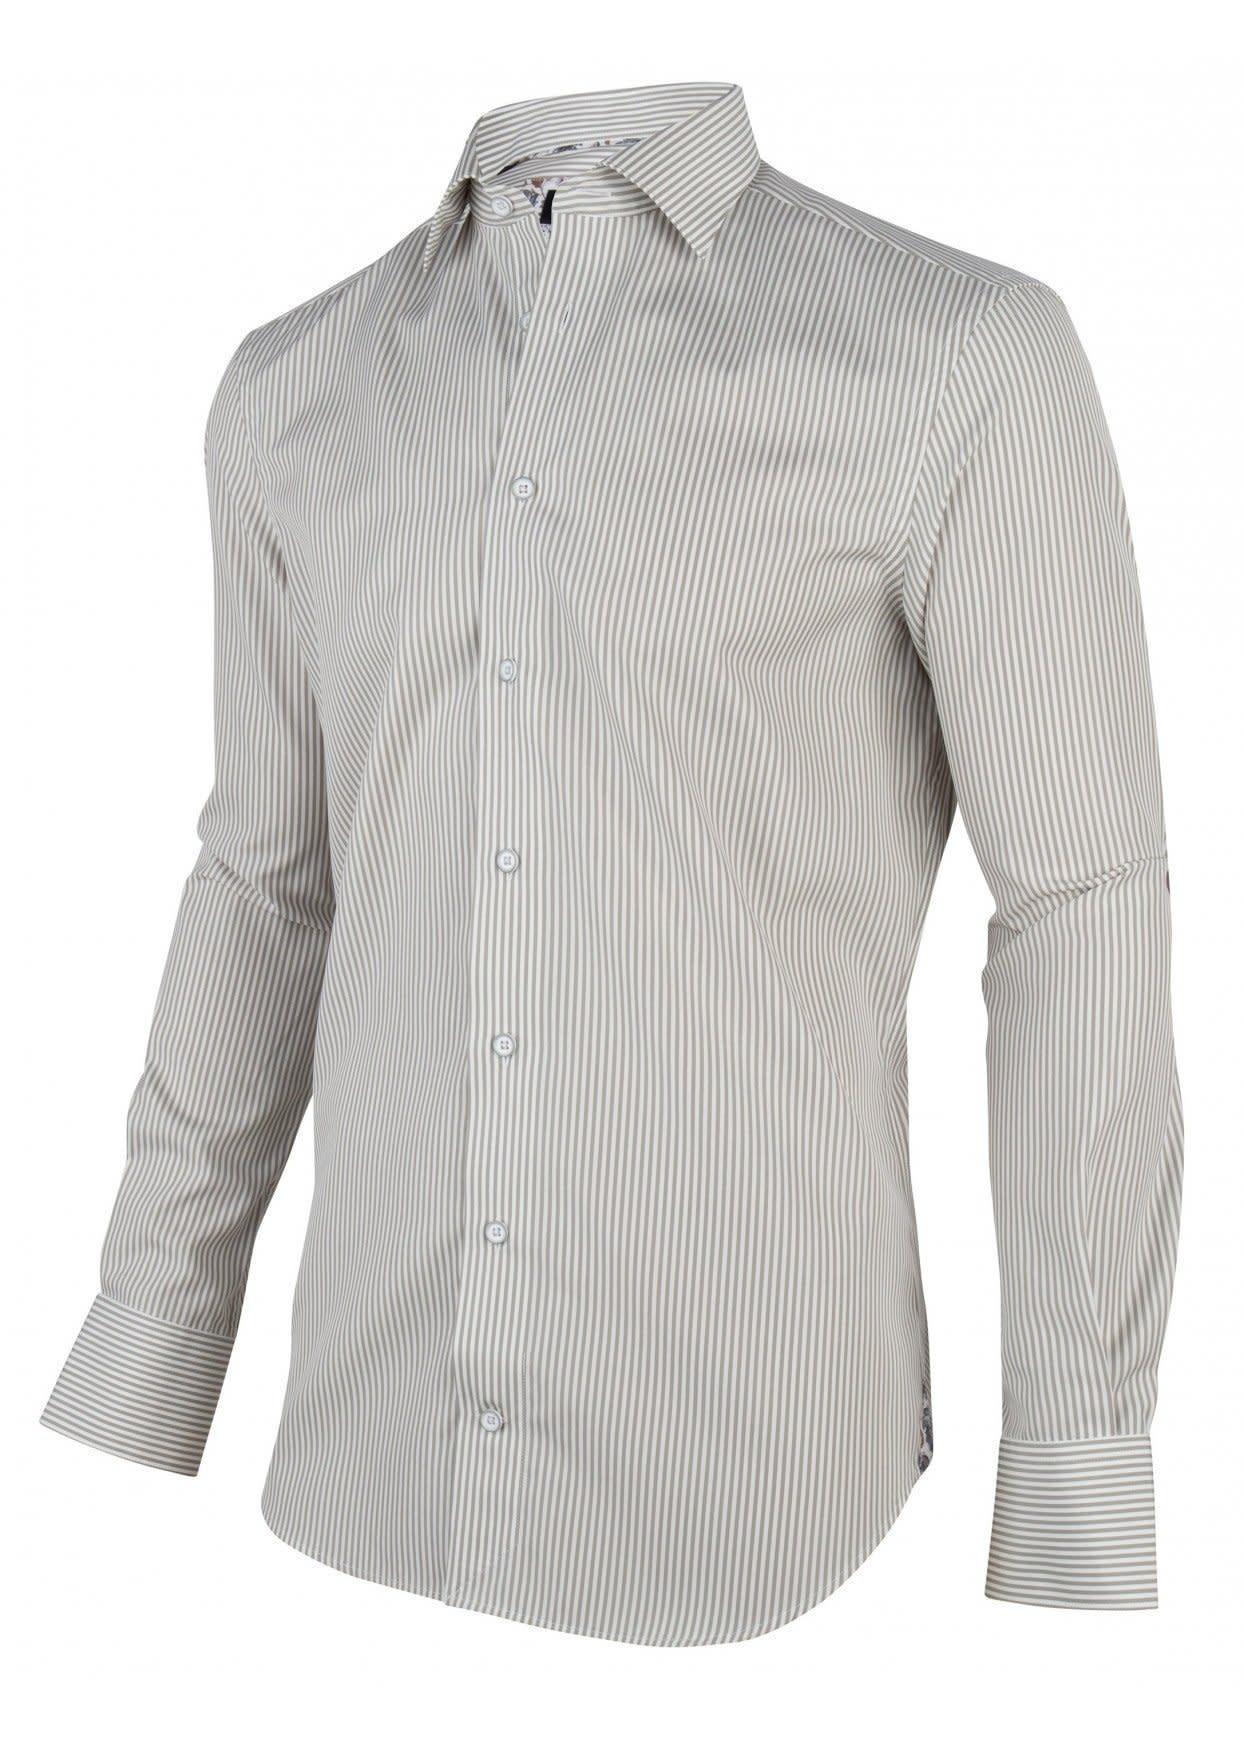 Elisio overhemd-4